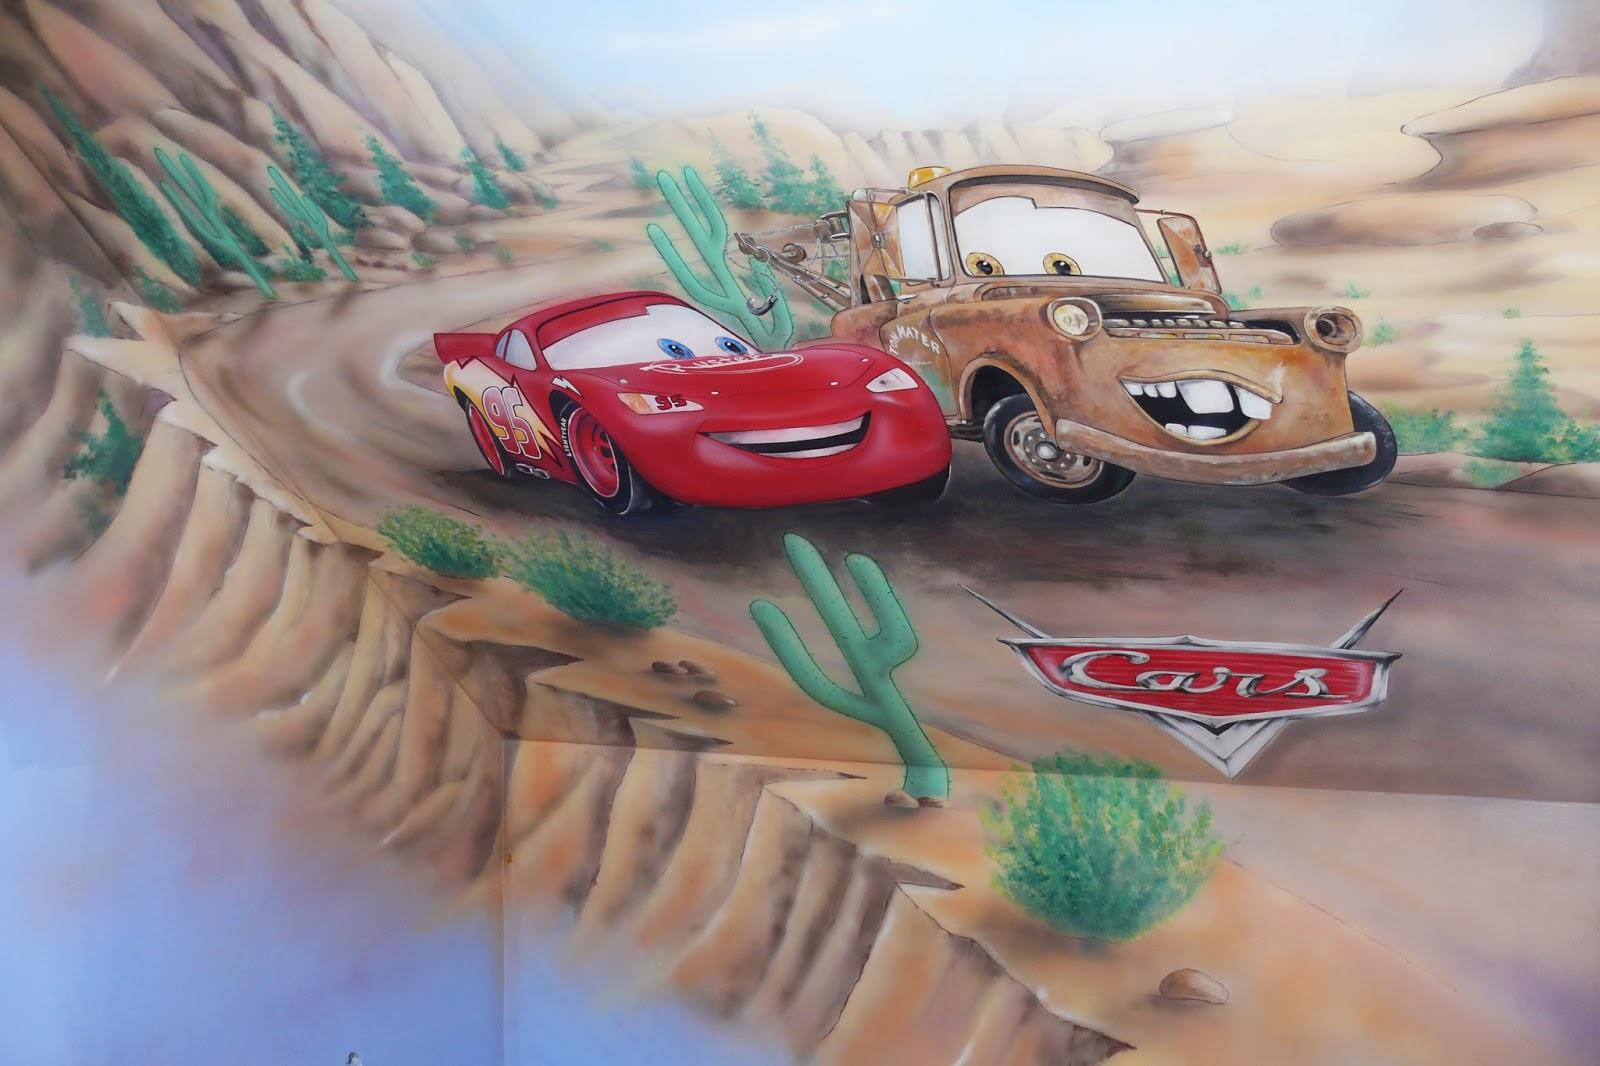 Artystyczne malowanie ściany w pokoju chłopca, malowanie samochodów na ścianie.